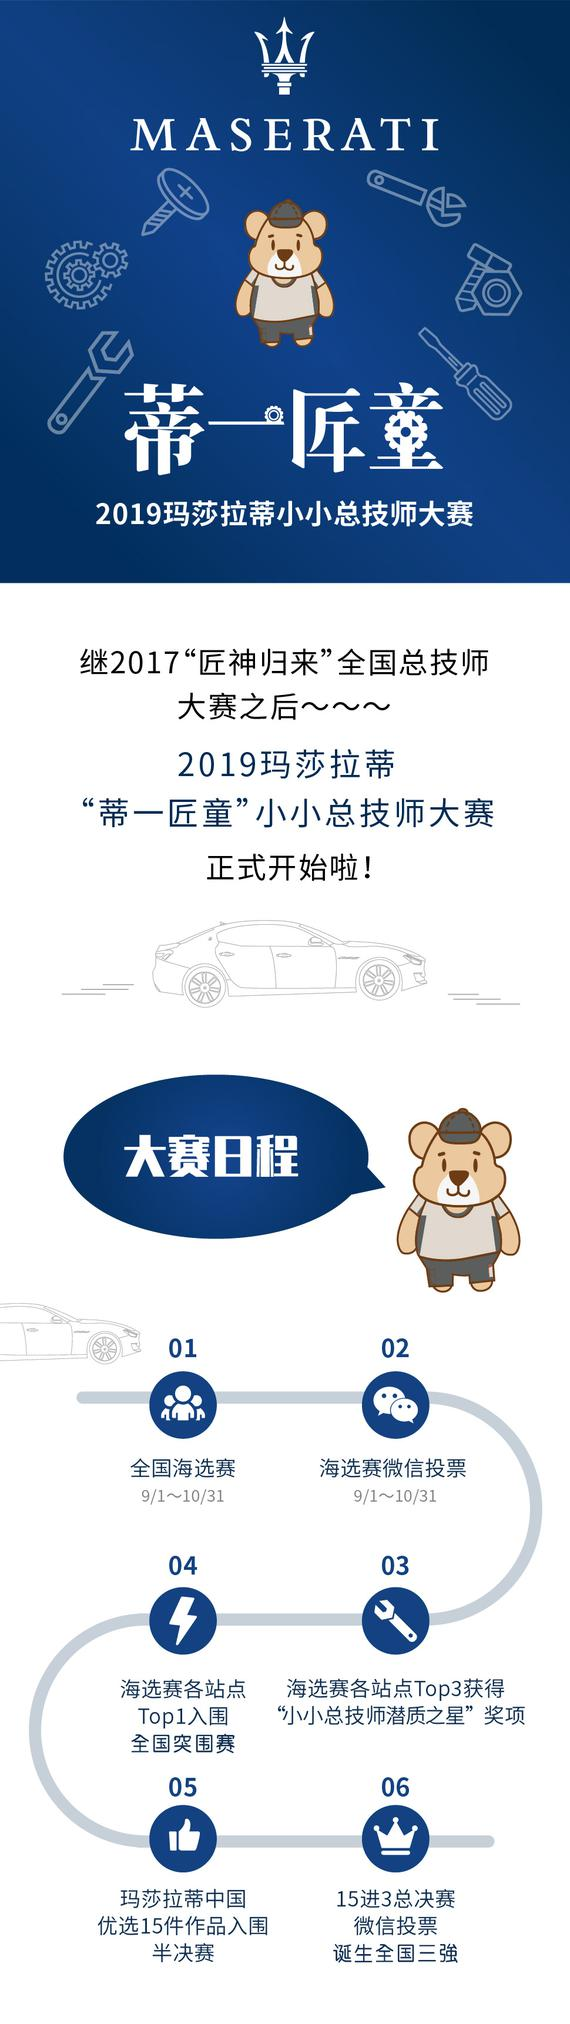 [重庆保利汽车]蒂一匠童活动招募中